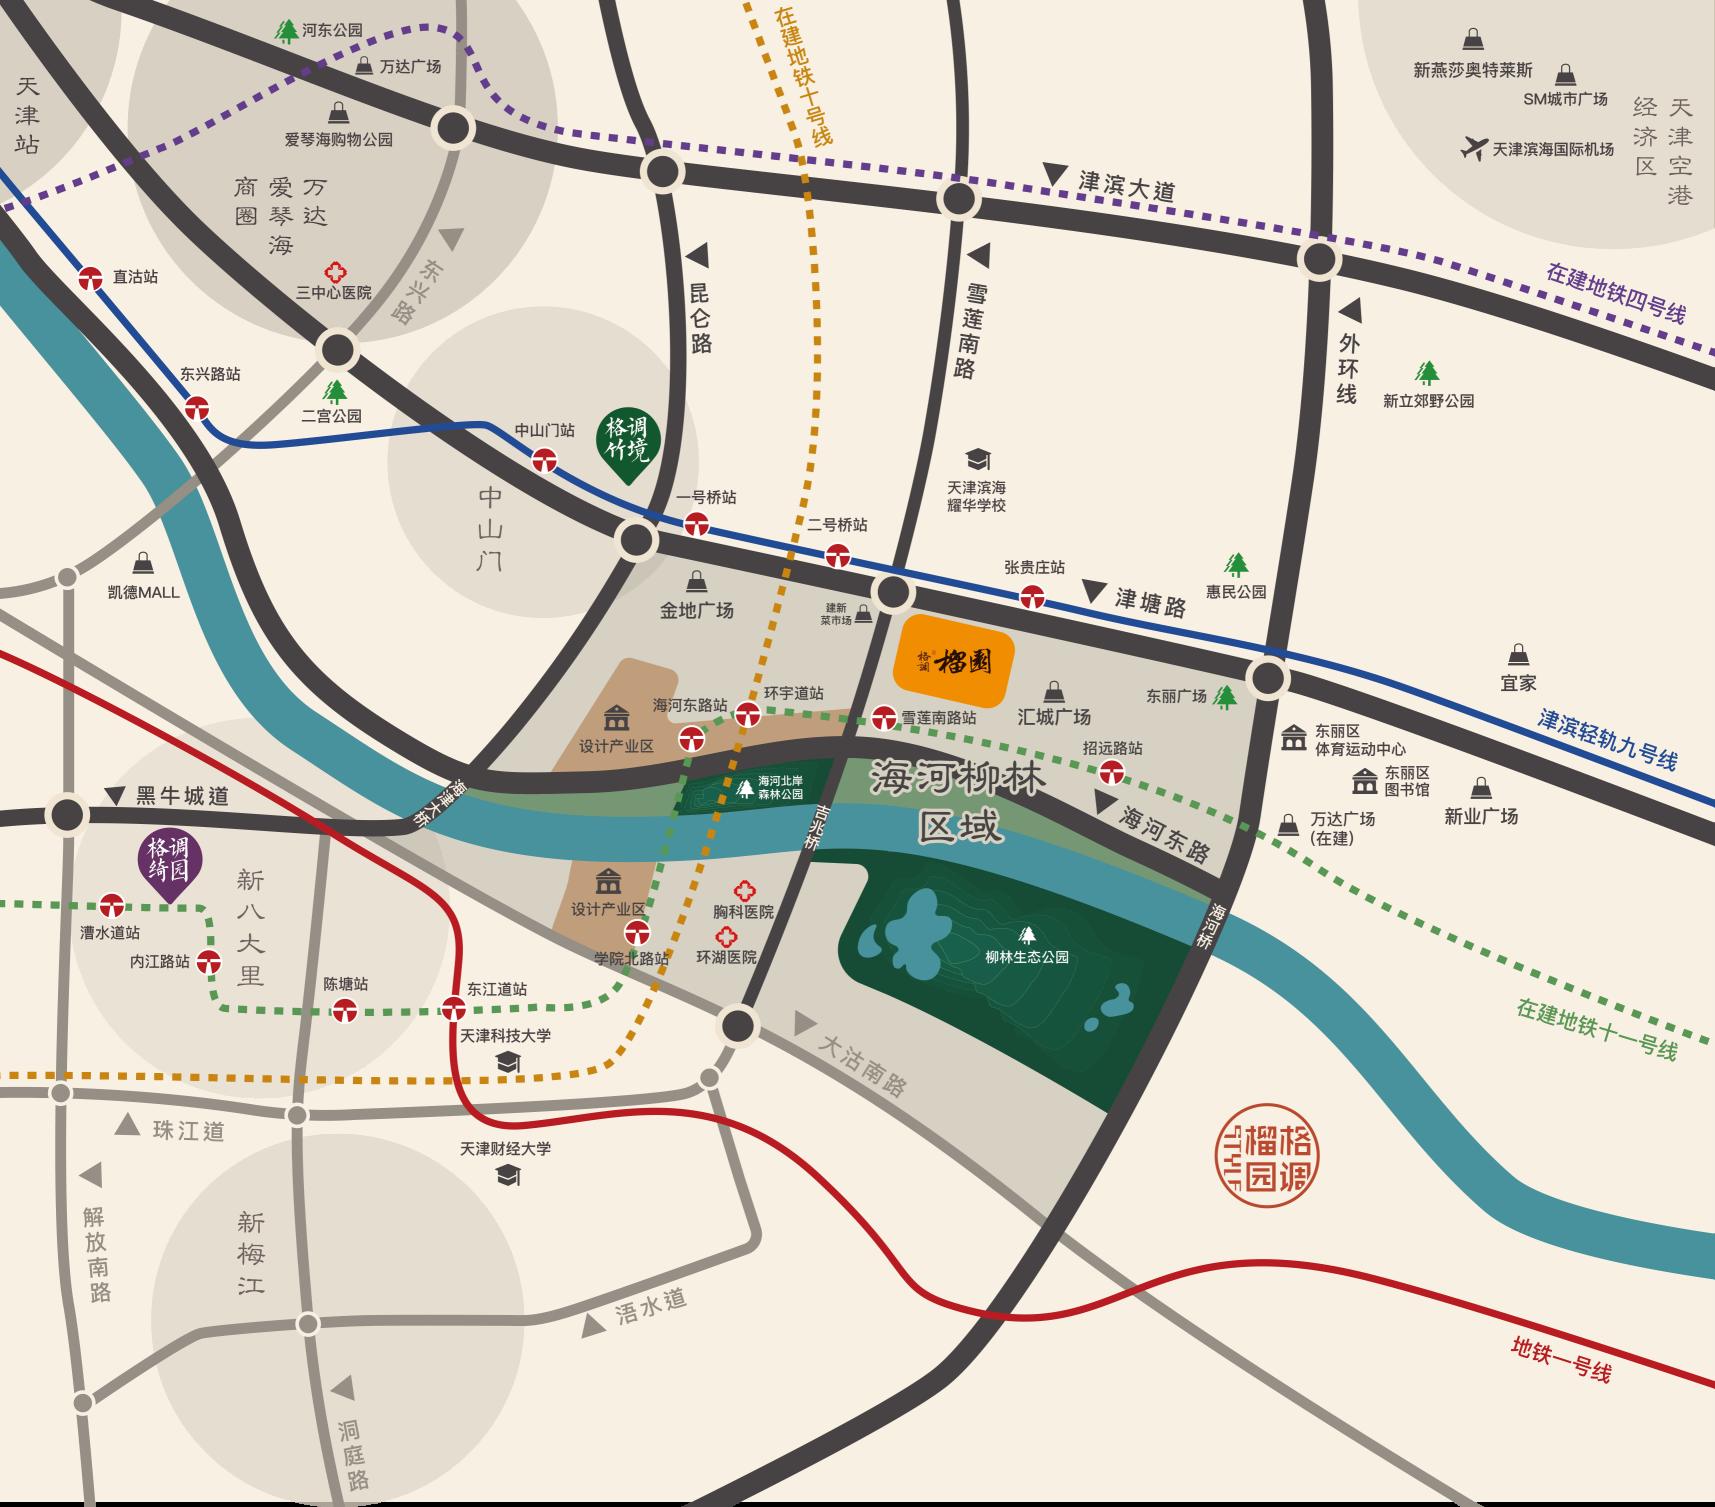 格调榴园交通图